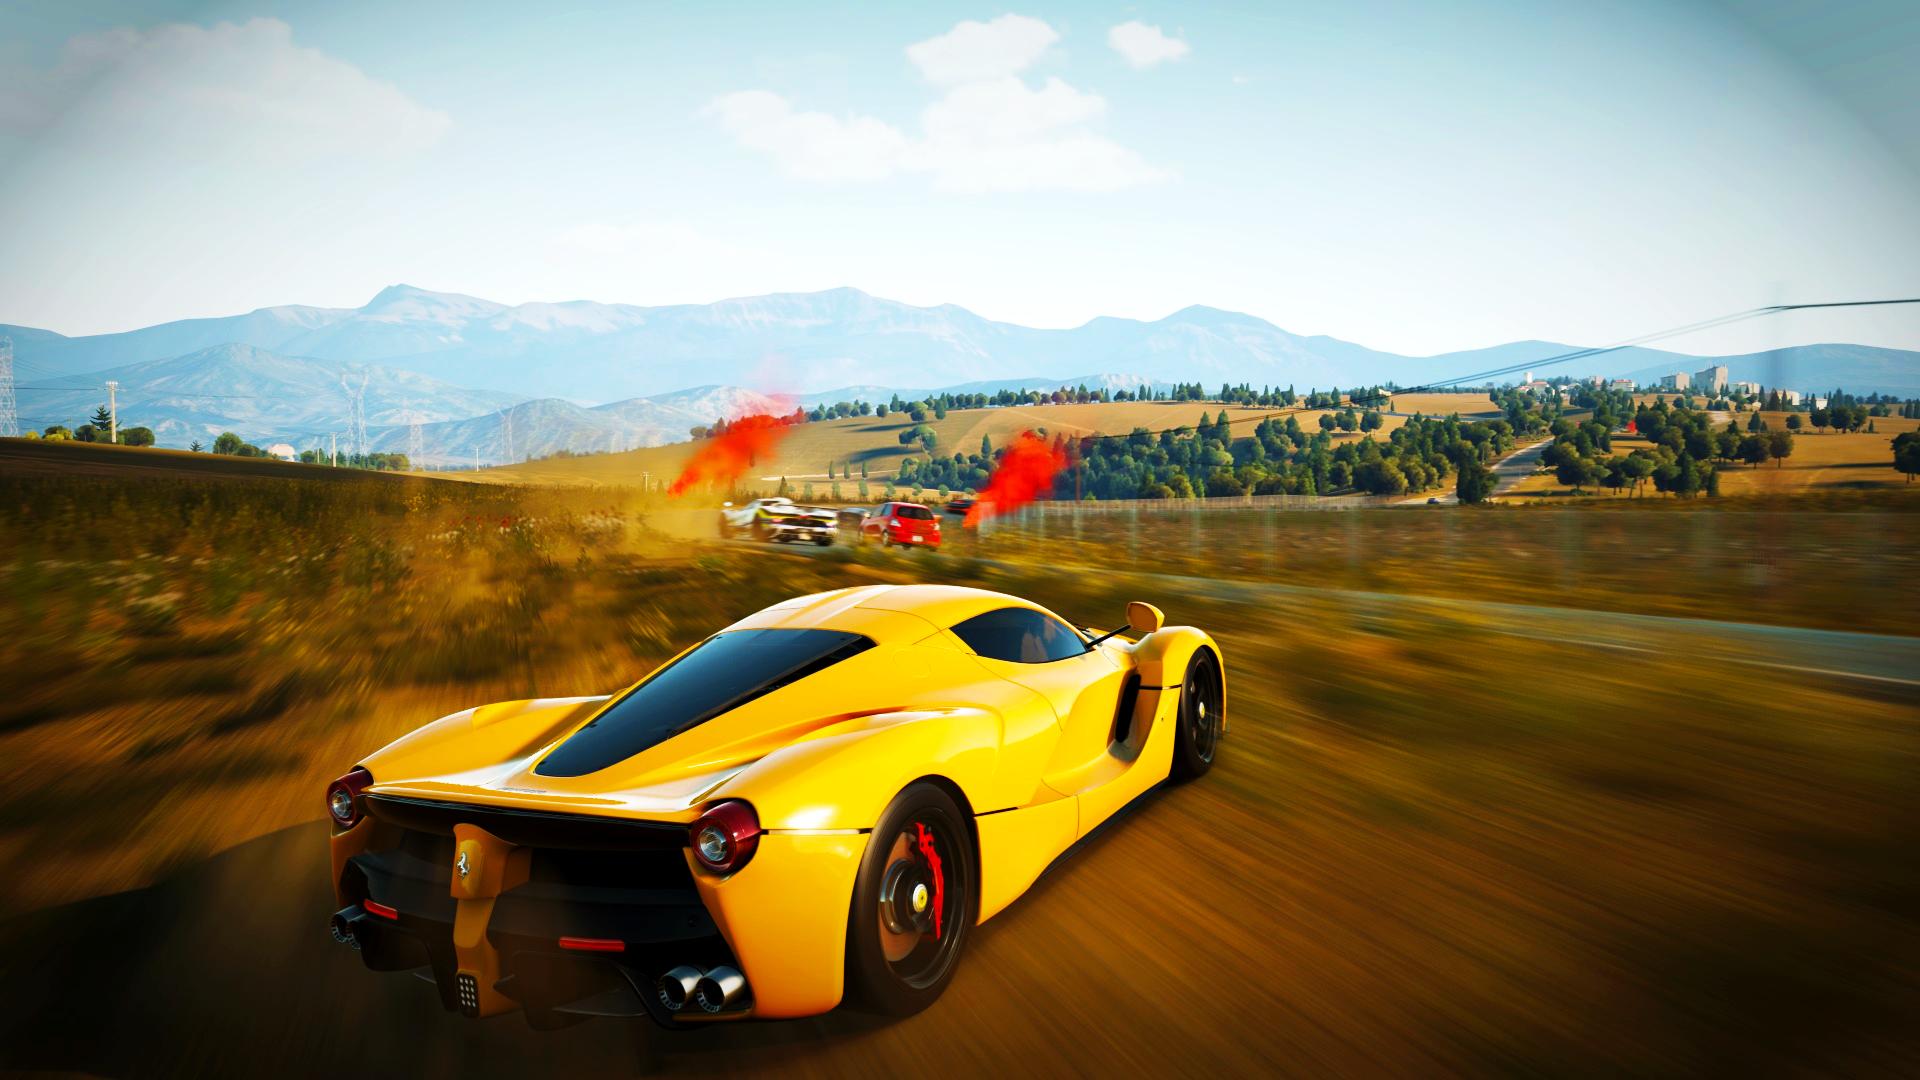 Wallpaper : Forza Horizon 2, Ferrari LaFerrari, car ...